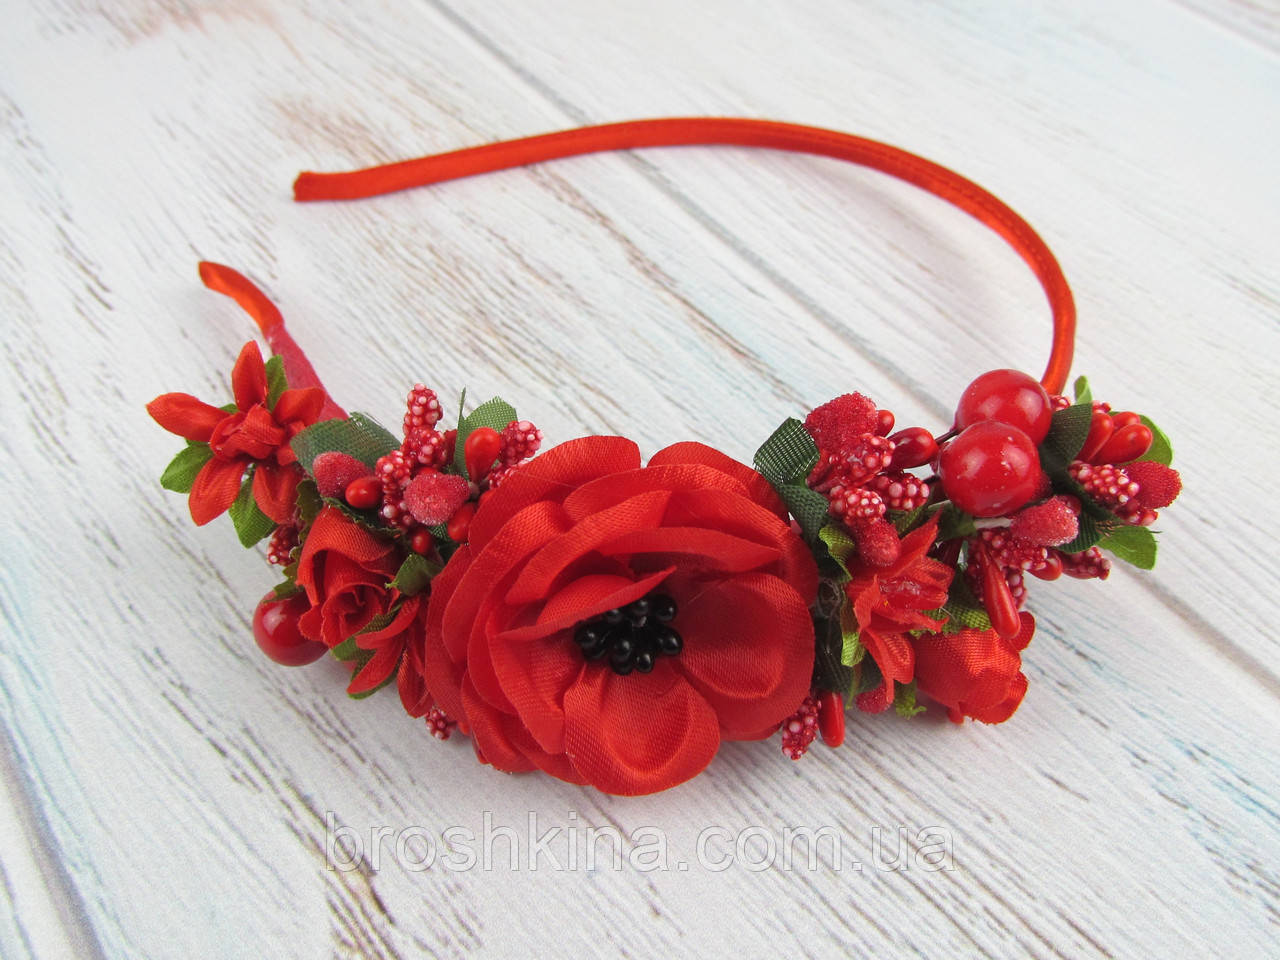 Обруч для волос цветы с калиной красный